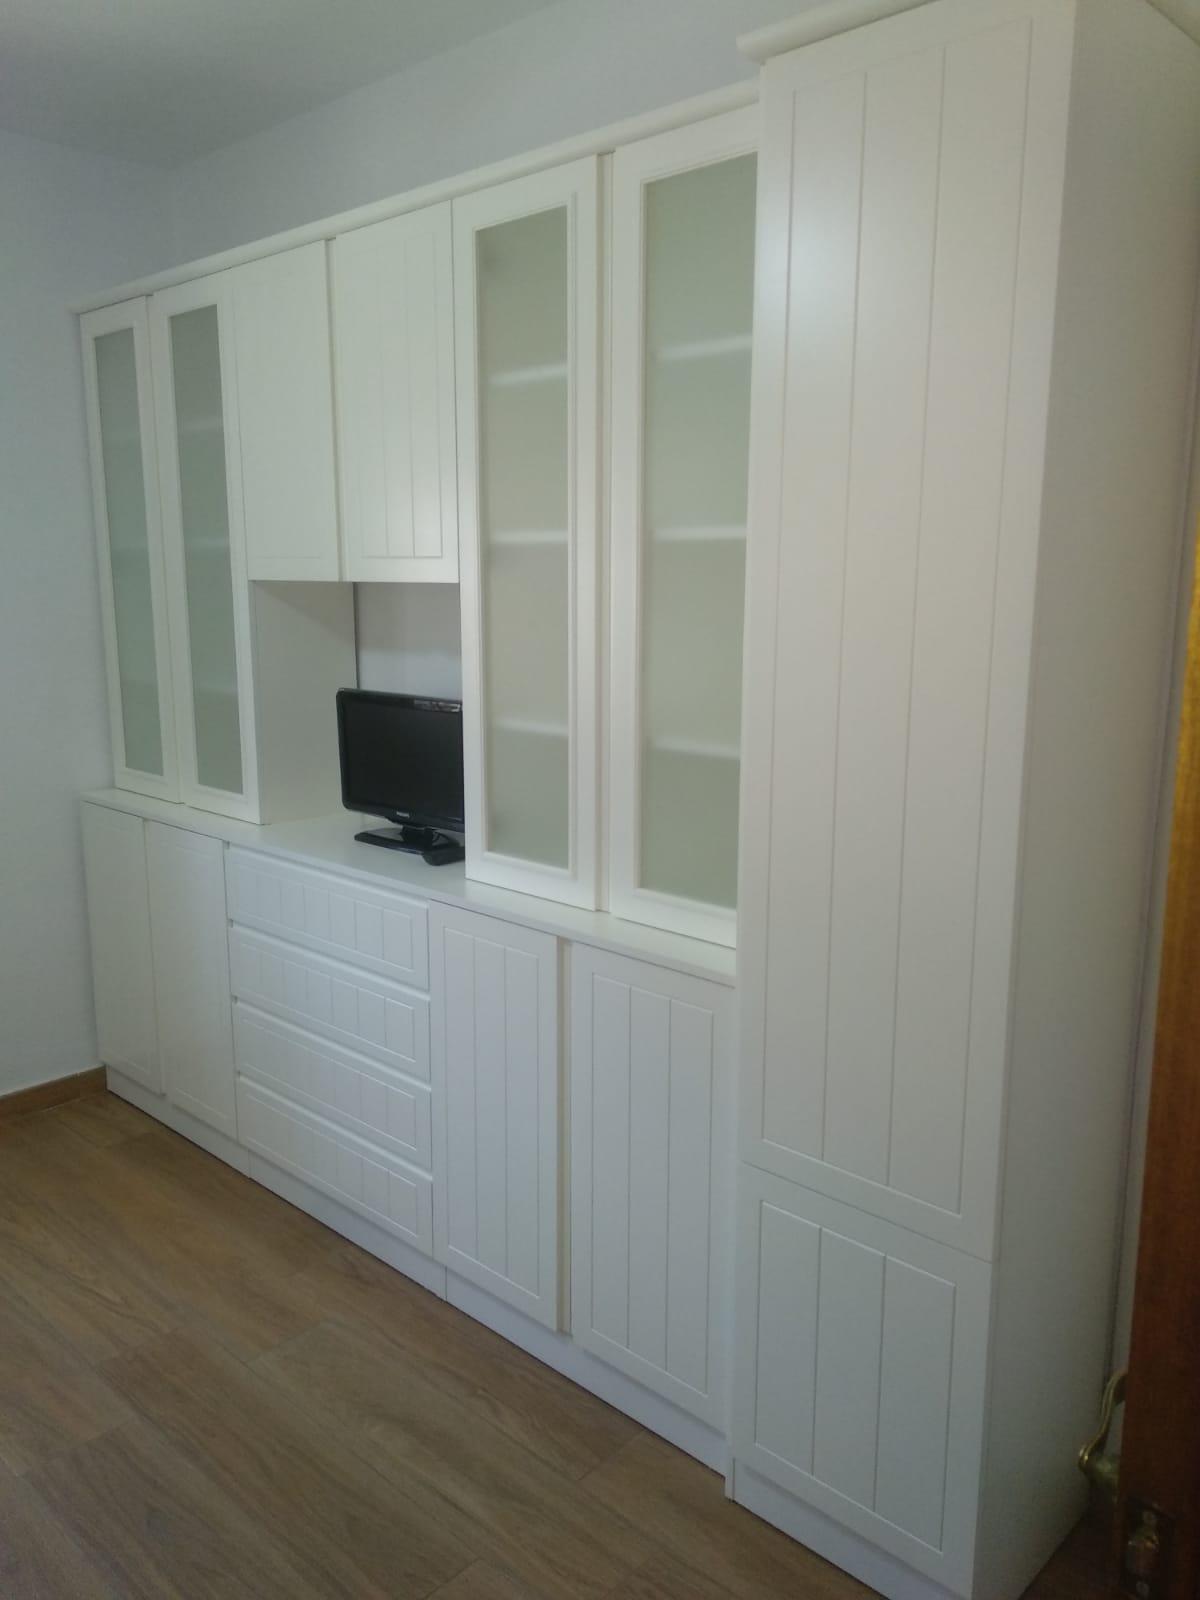 Mueble de salón a medida en blanco roto